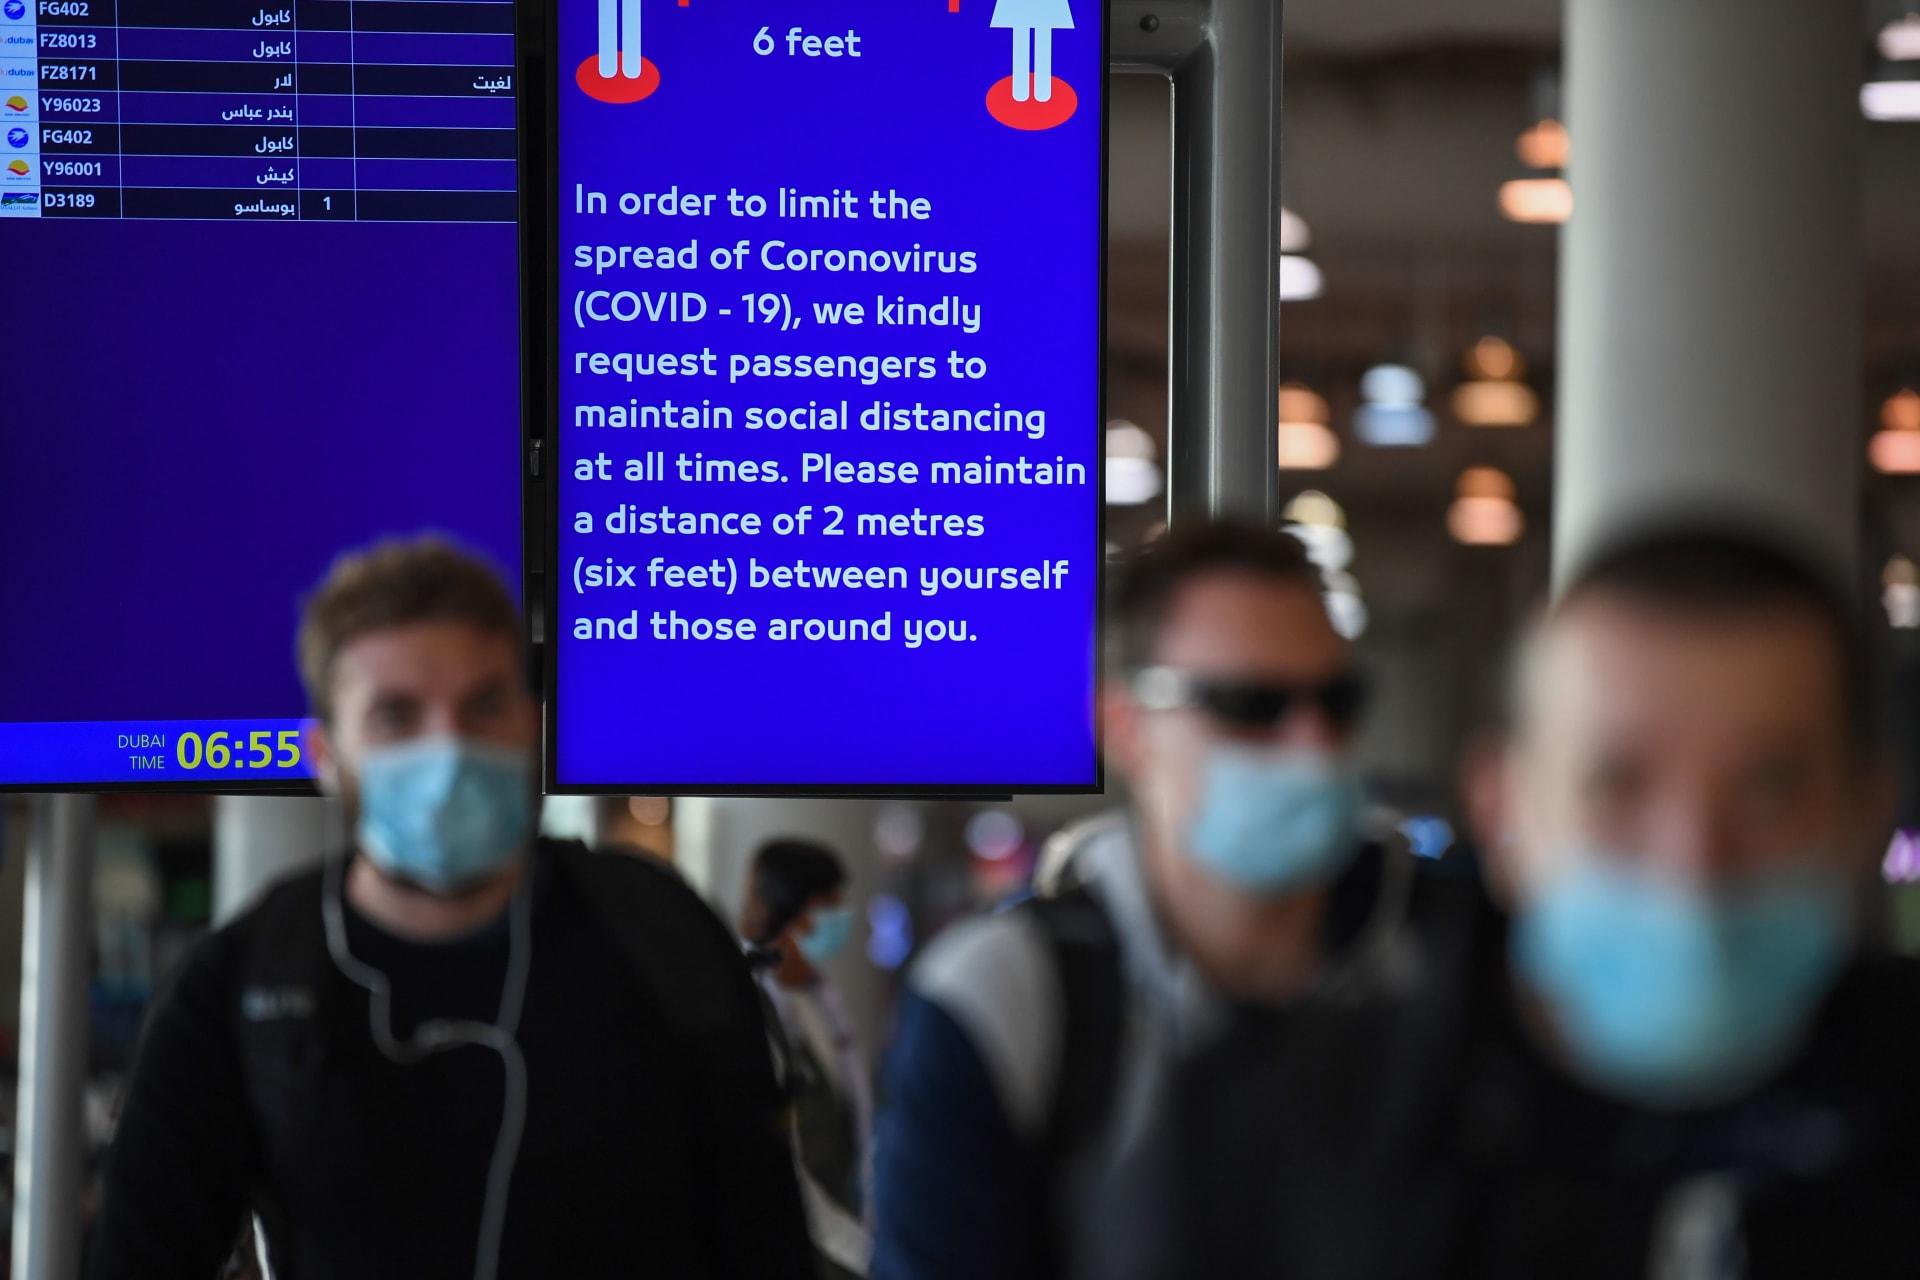 الإمارات تسجل 283 إصابة جديدة بفيروس كورونا وتكشف سبب زيادة أعداد الحالات